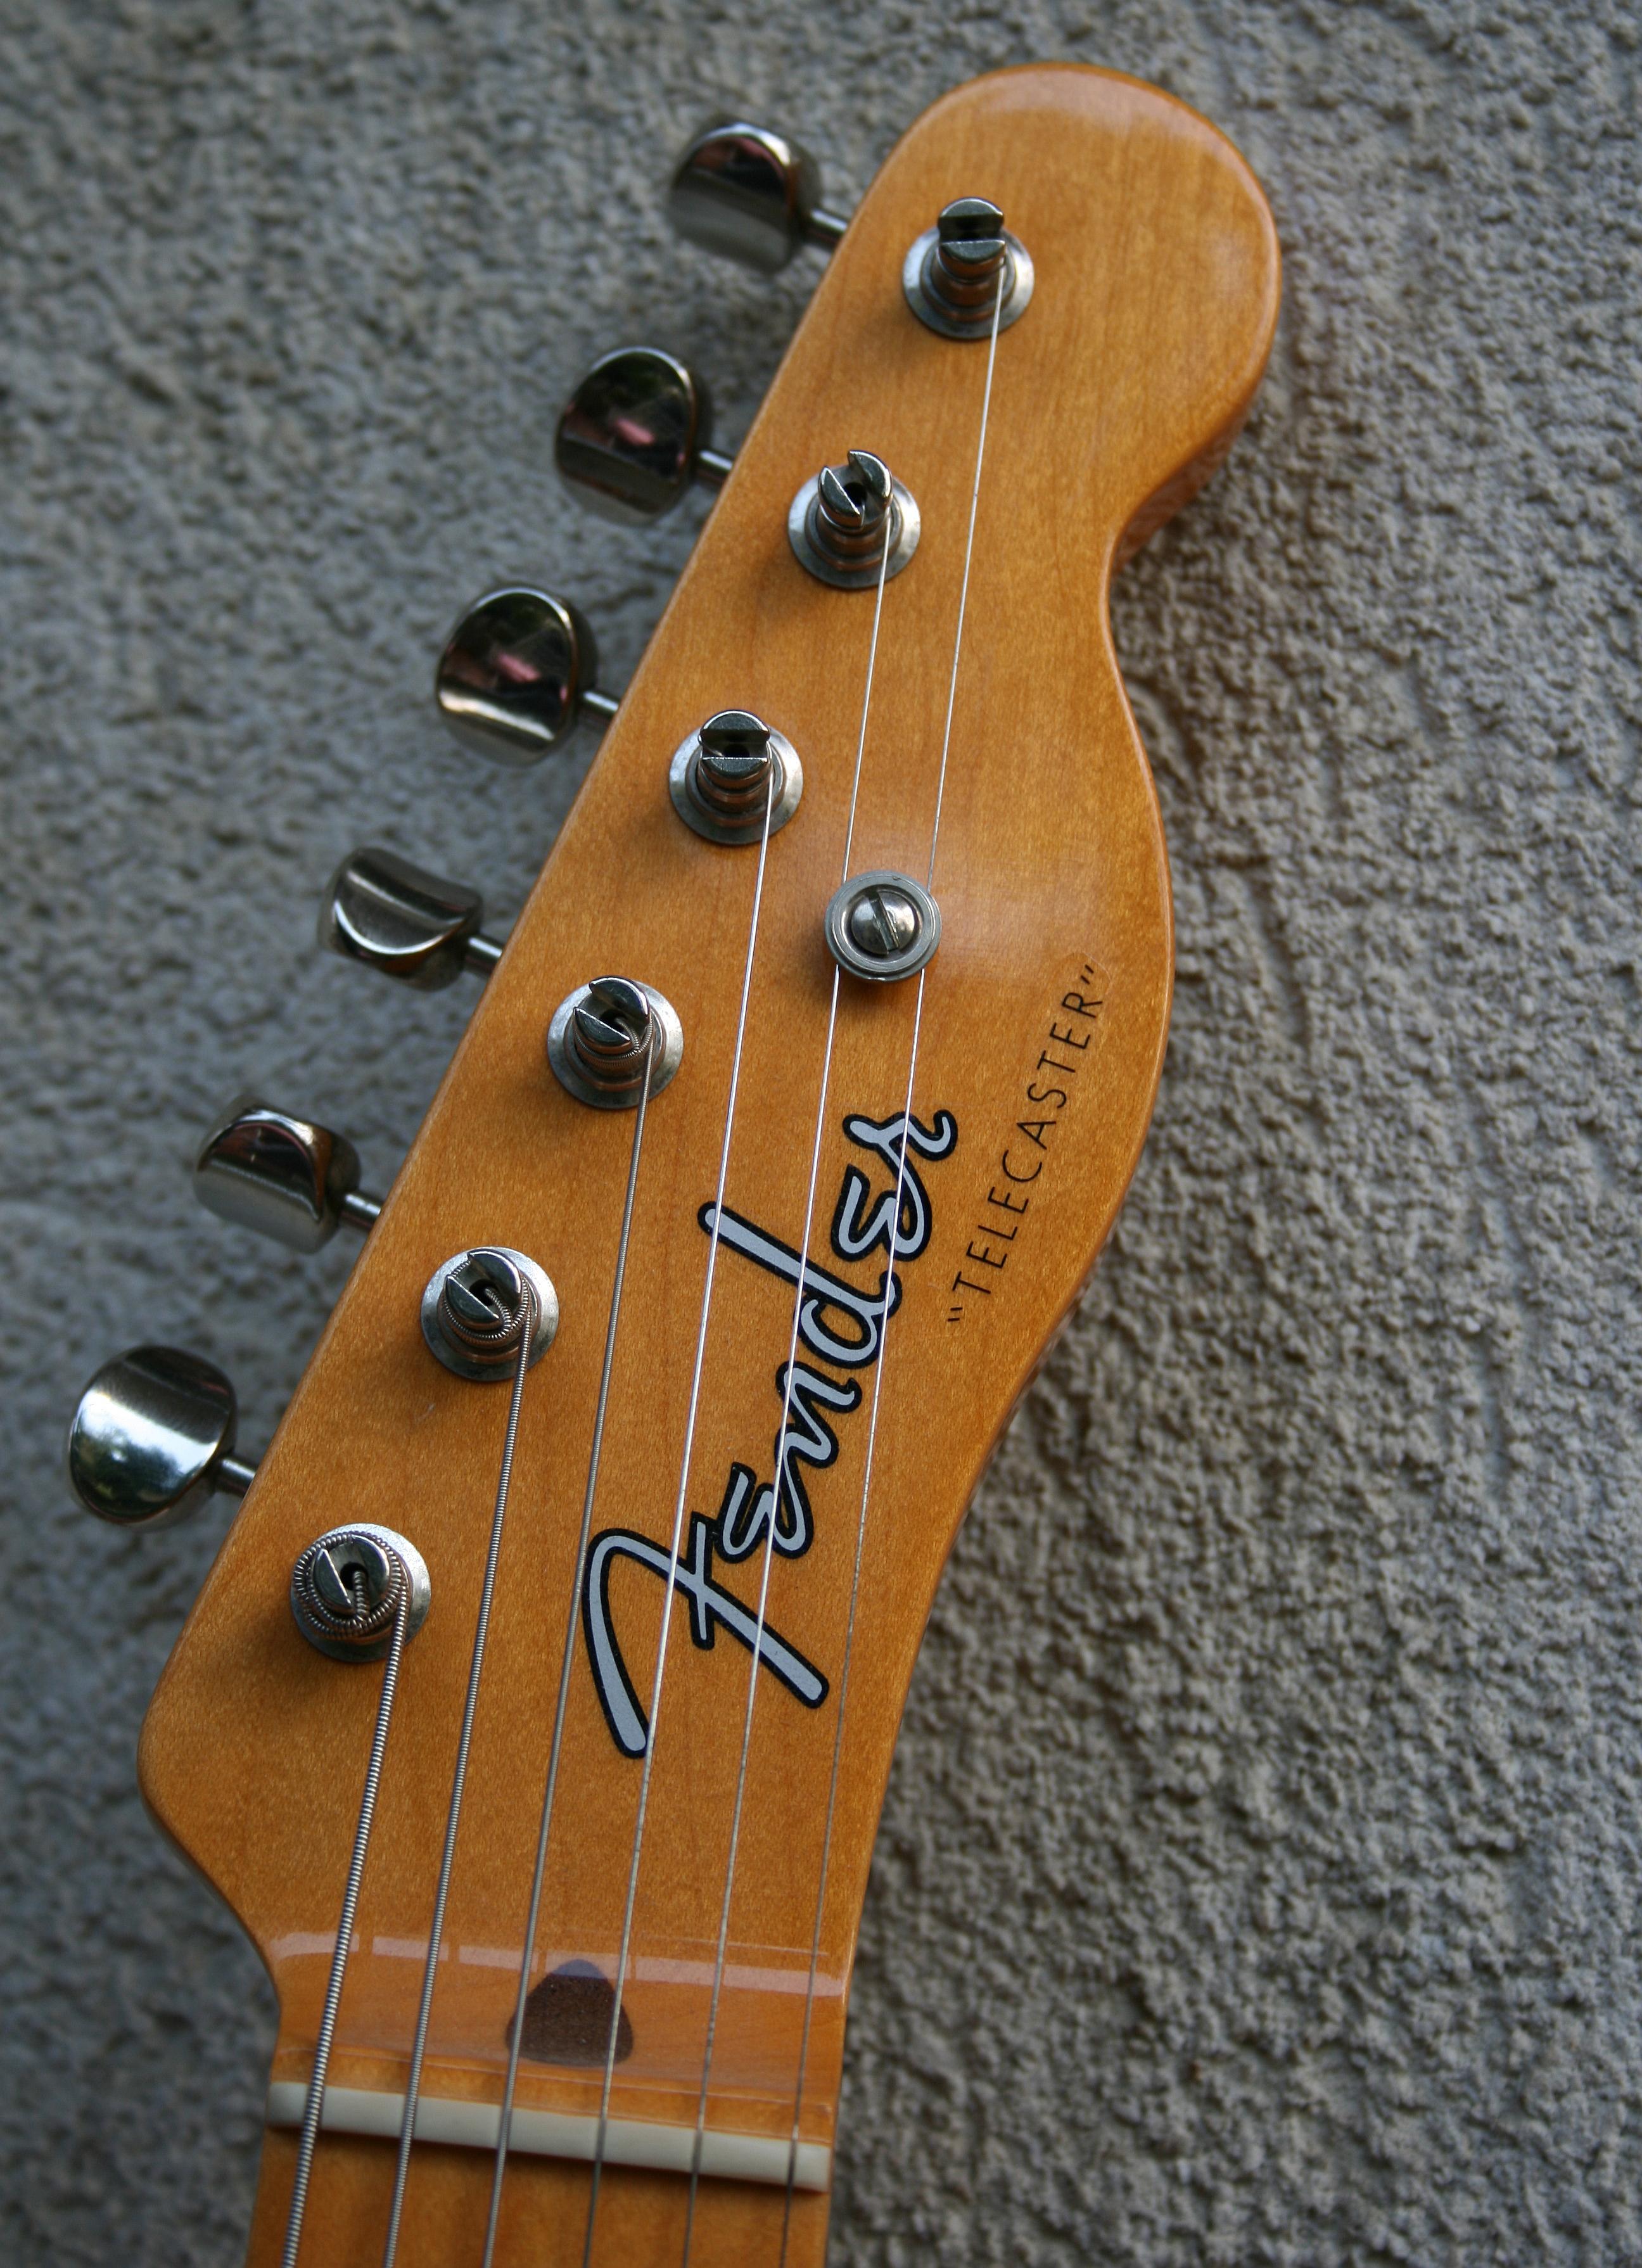 Dating American vintage Stratocaster Die Geschichte von paul wesley